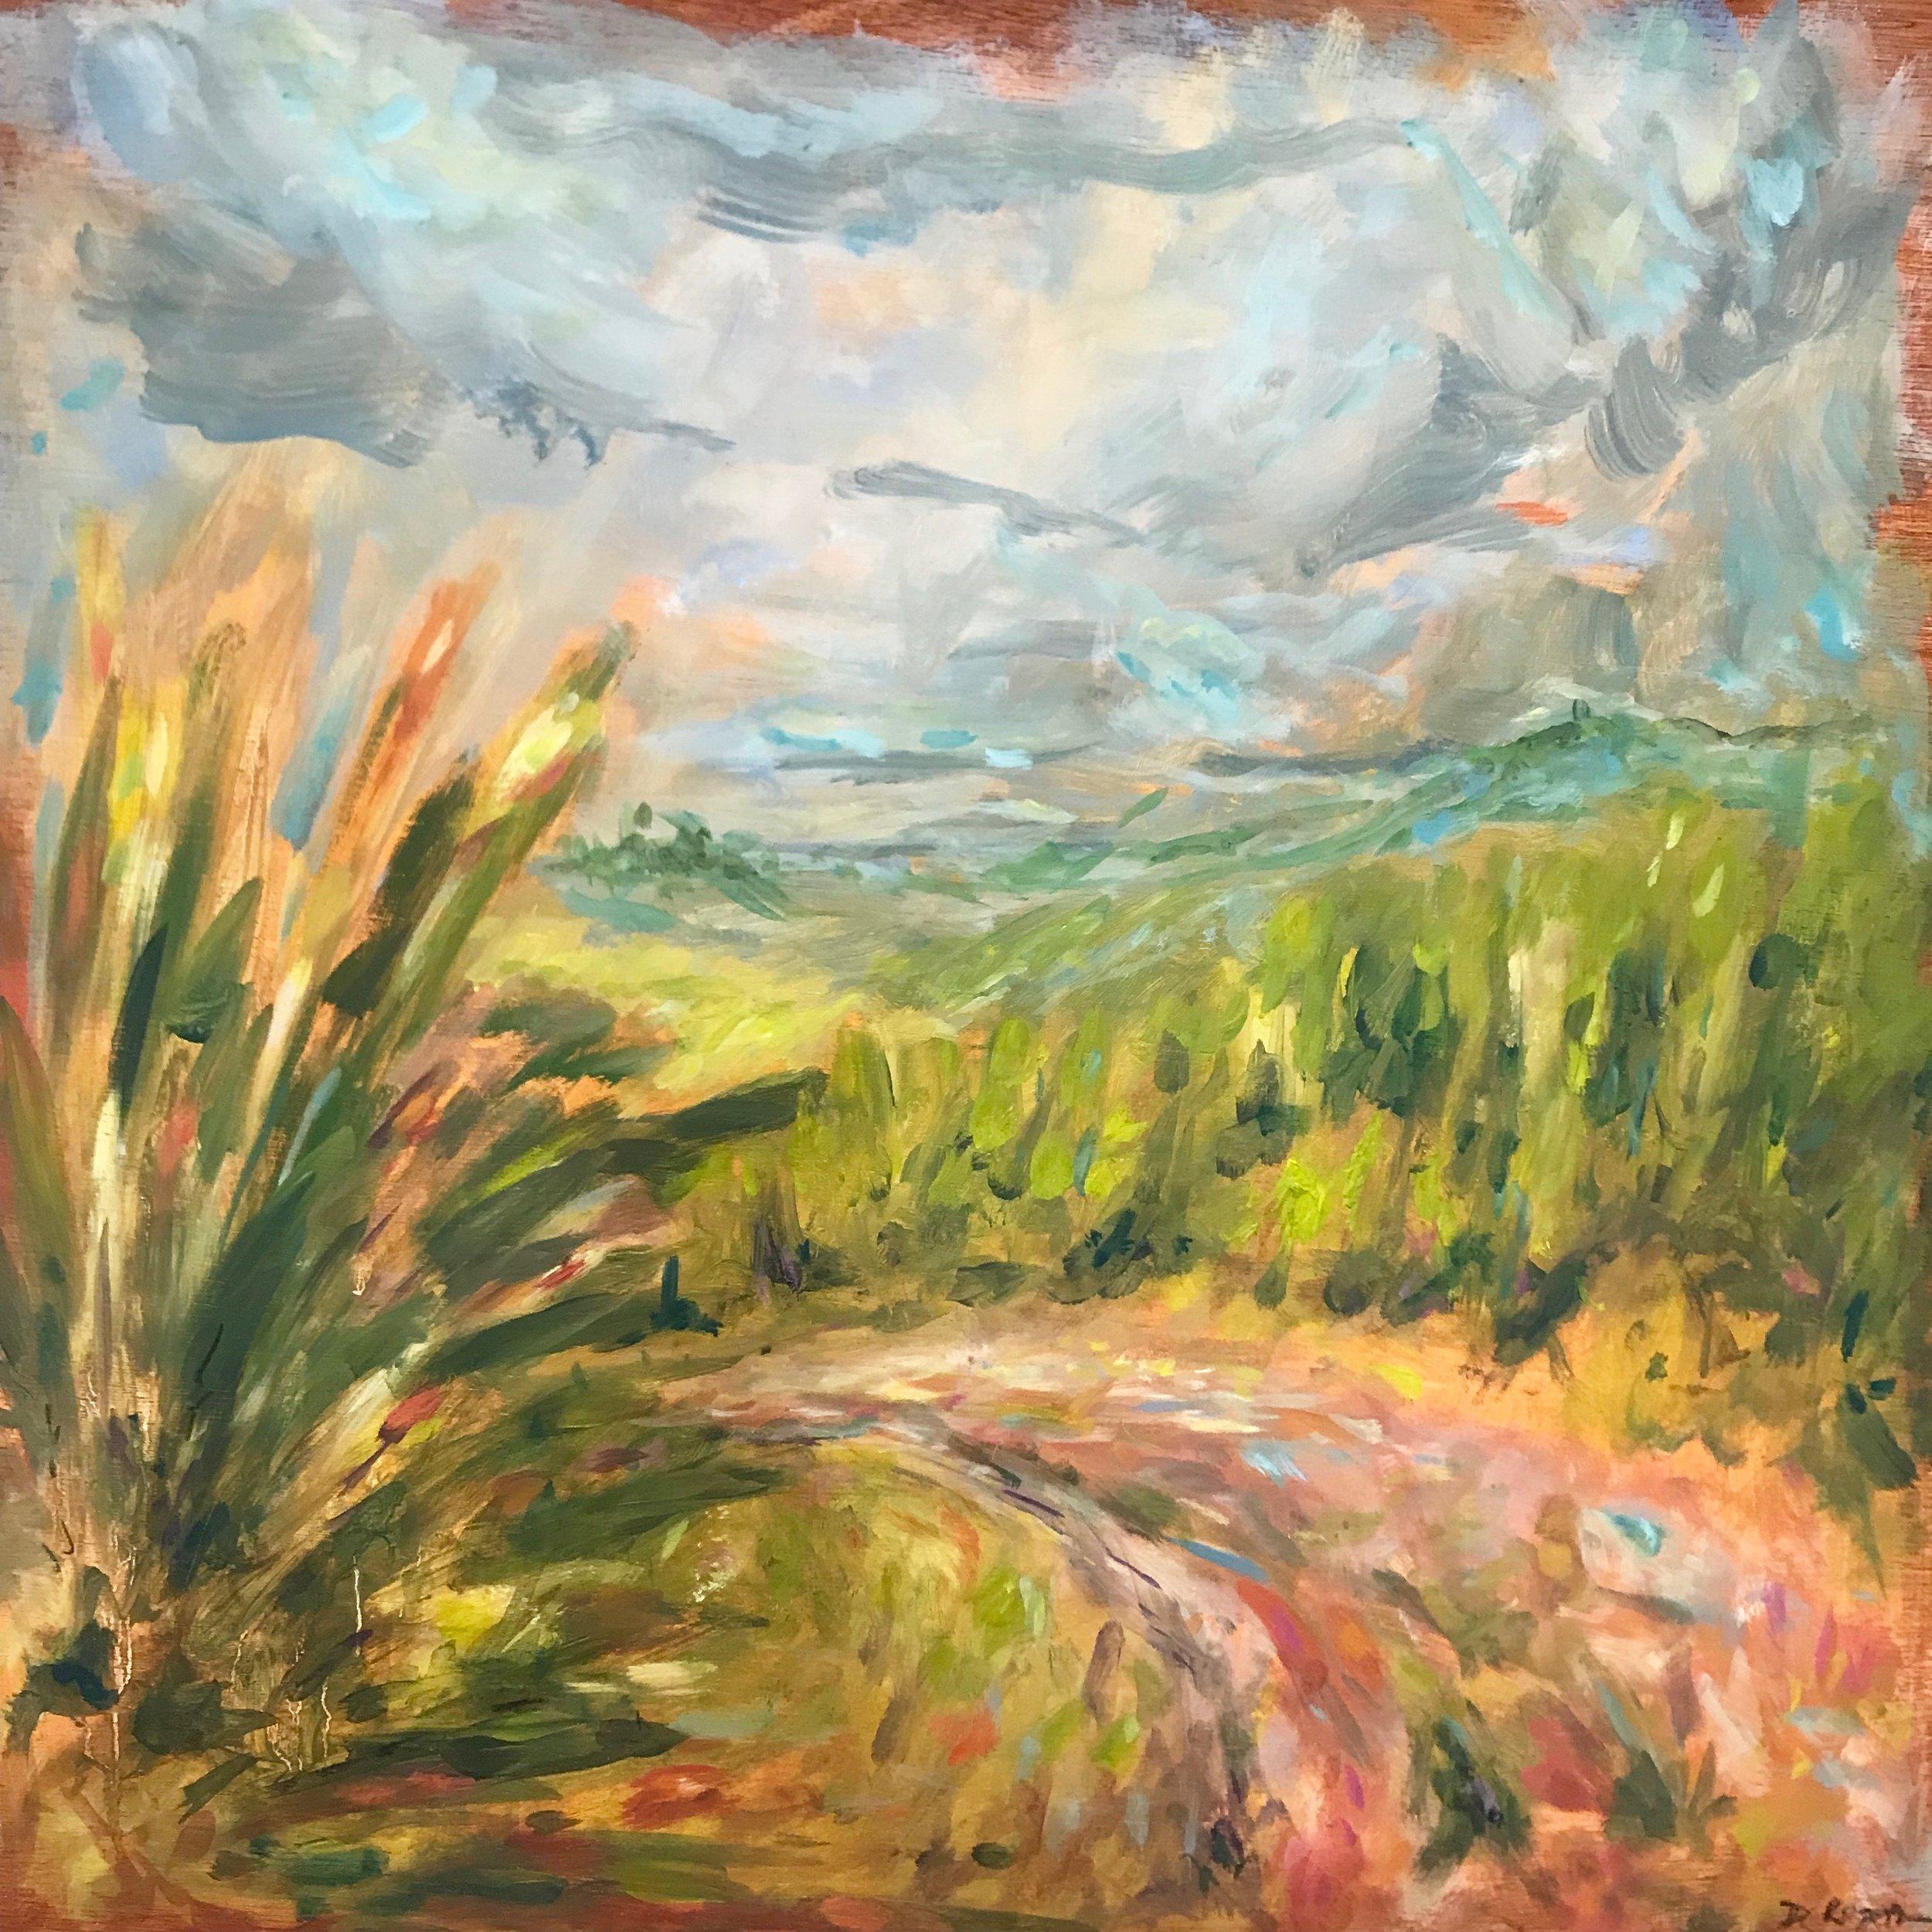 Broughton Down I, 60x60cm oil on panel, framed